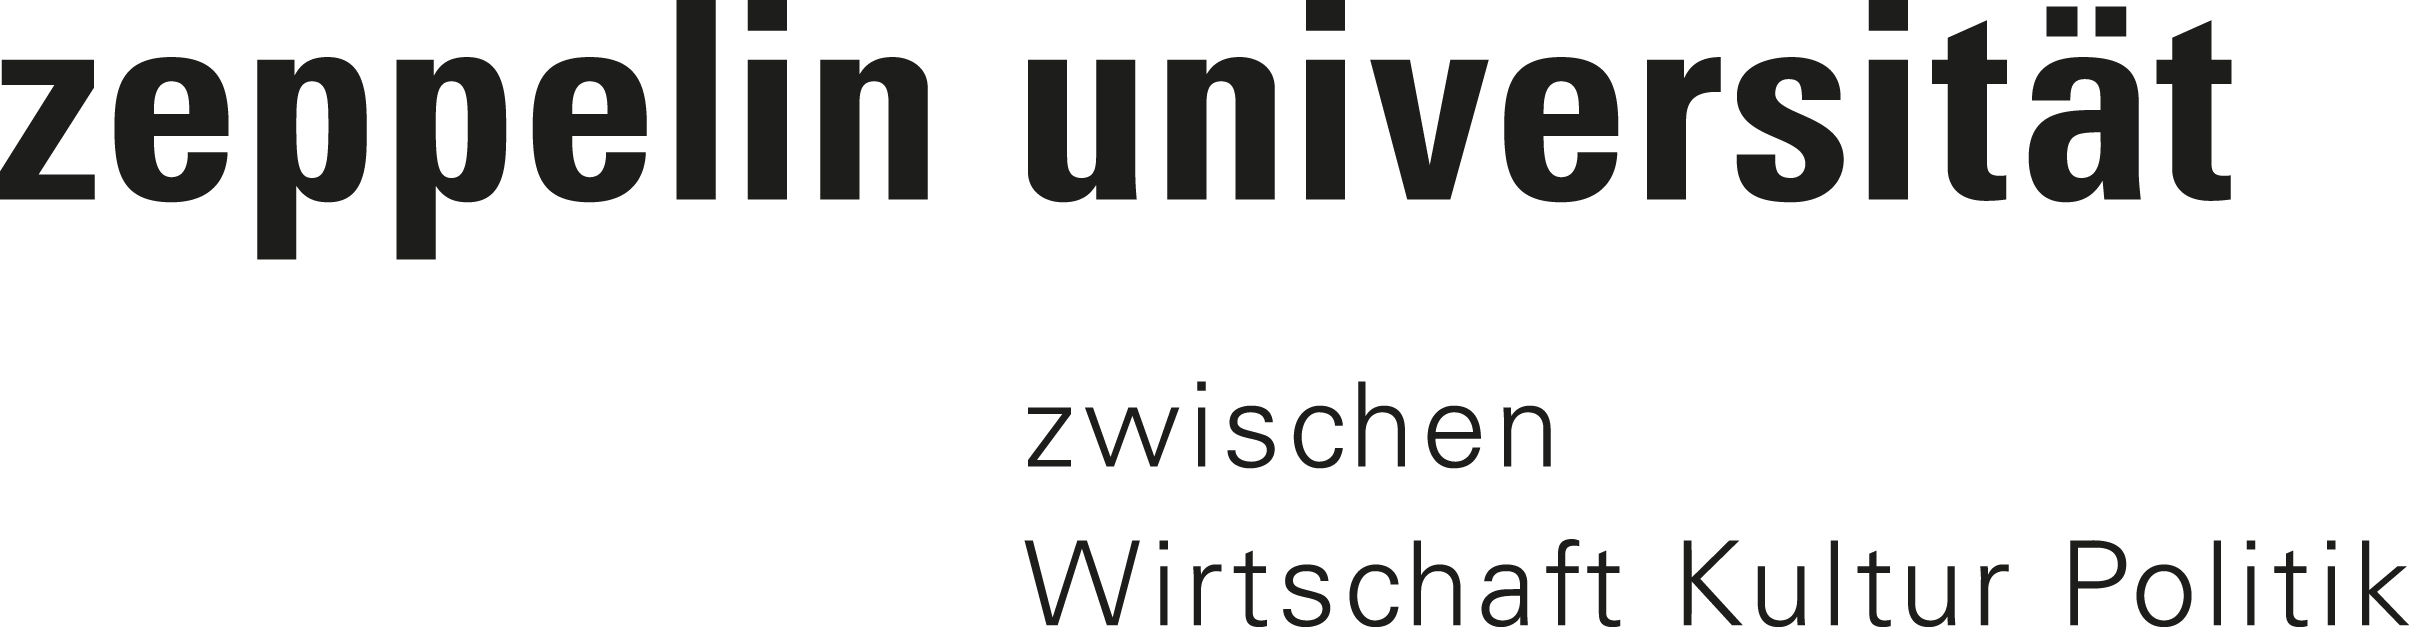 zu_logo_dt_claim_1200dpi